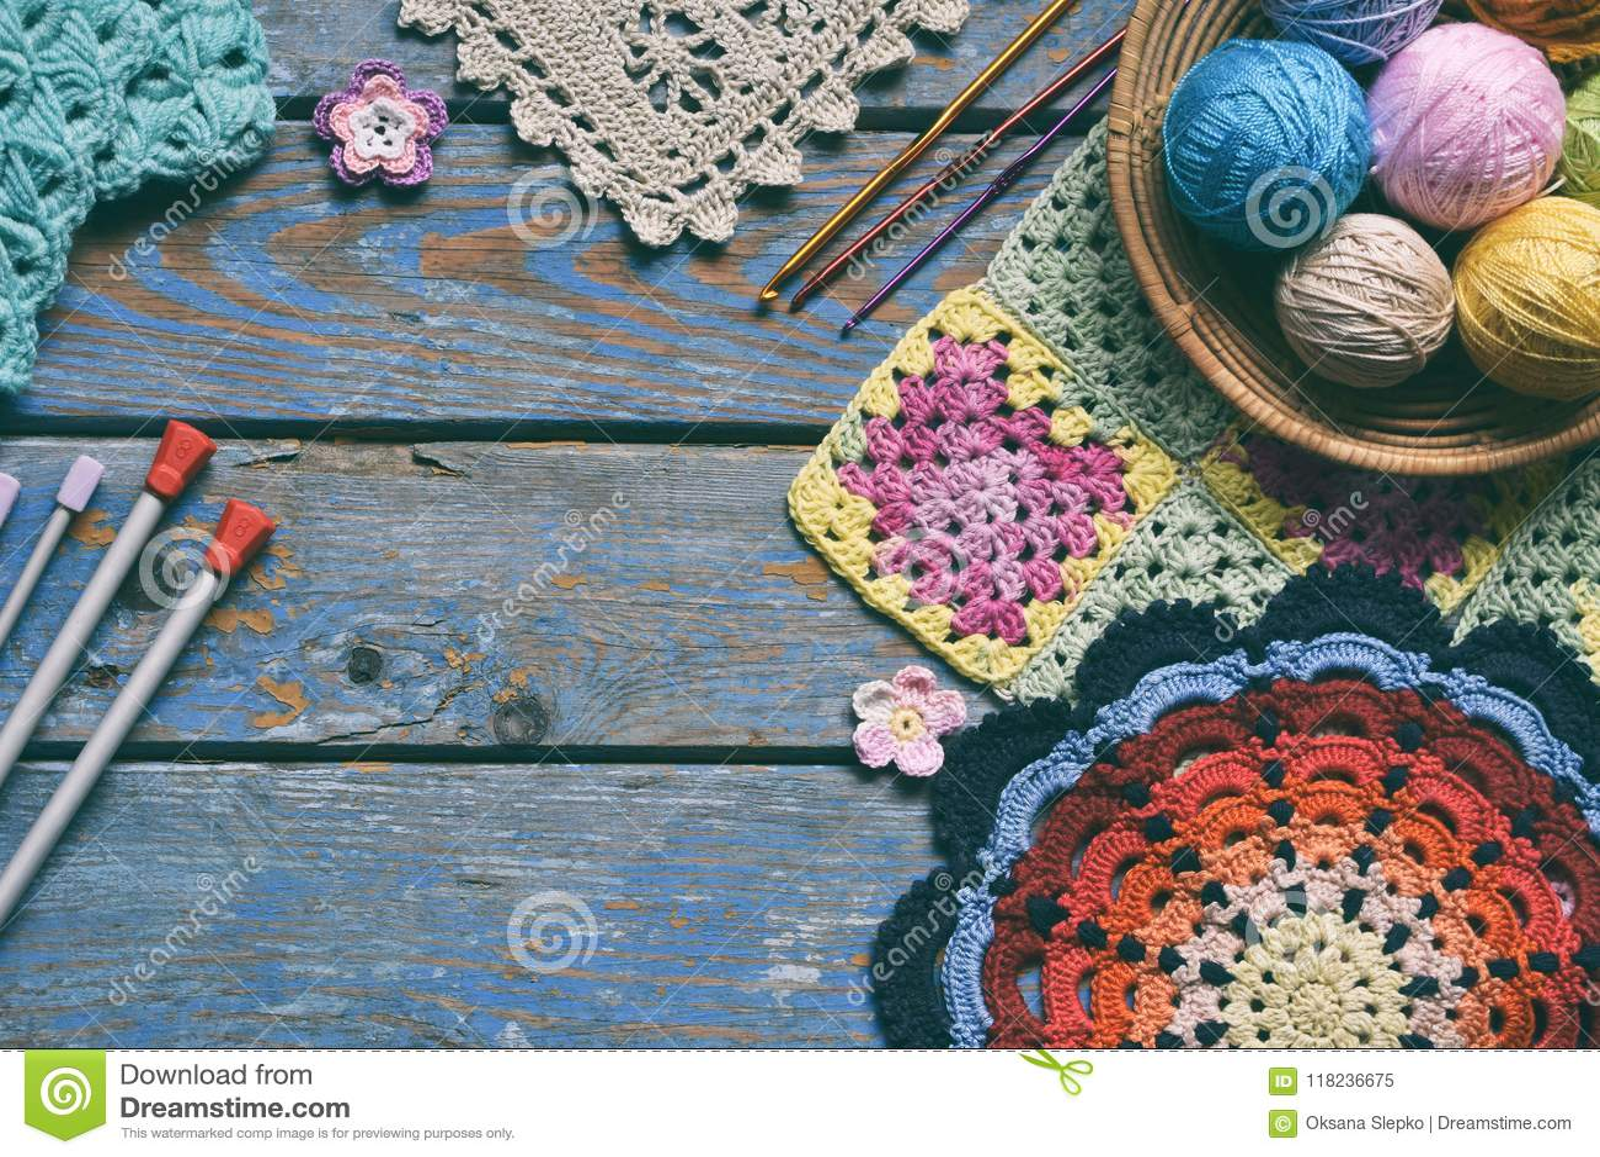 Ο εξοπλισμός για το πλέξιμο και το γάντζο τσιγγελακιών, olorful νήμα βαμβακιού ουράνιων τόξων, σφαίρα των νημάτων, μαλλί, έπλεξε